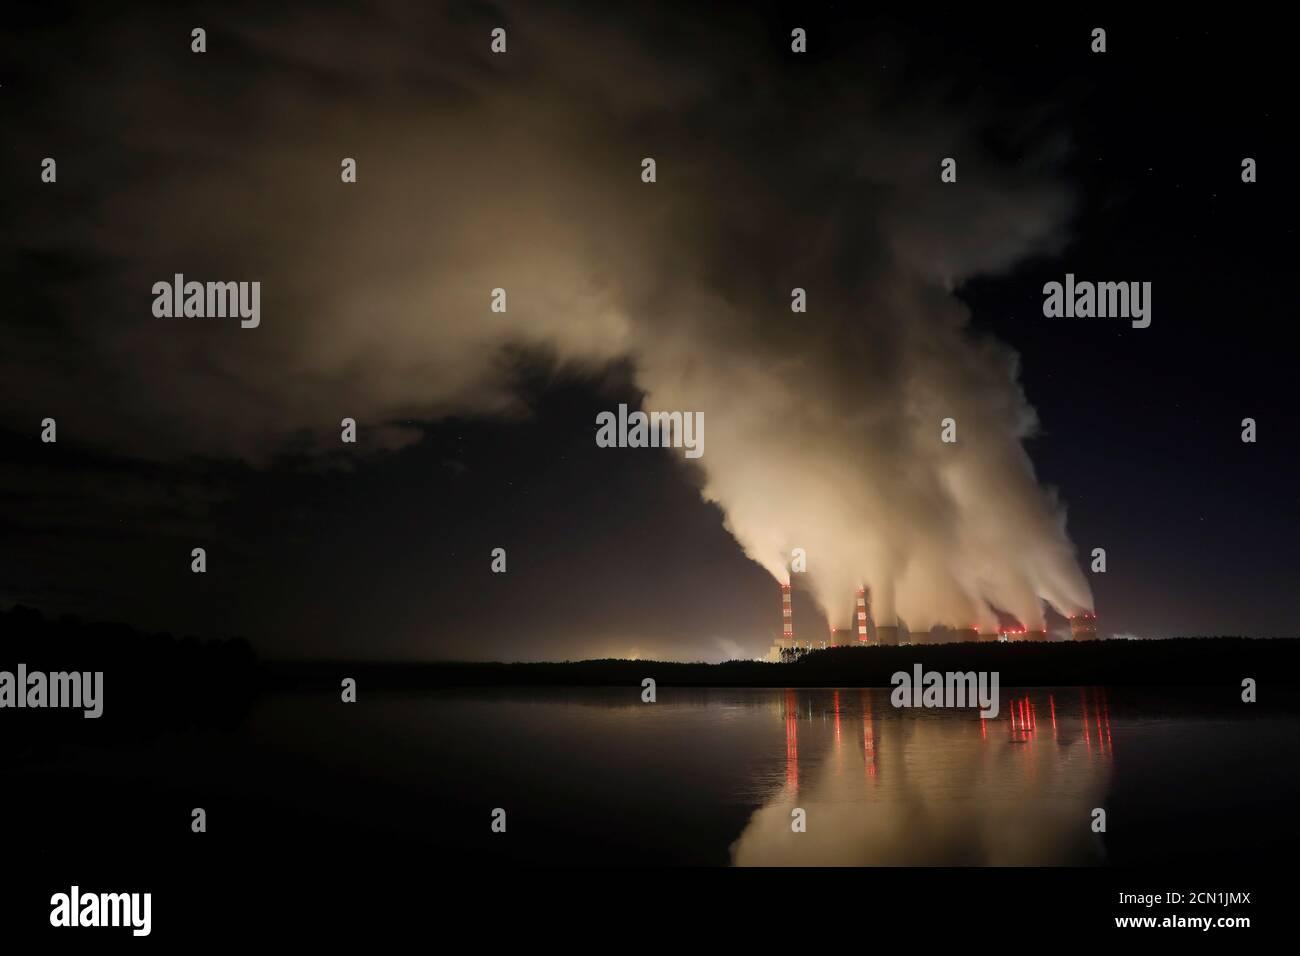 Fumi e vapori provenienti dalla centrale elettrica Belchatow, la più grande centrale a carbone d'Europa, gestita da PGE Group, di notte vicino a Belchatow, Polonia, 5 dicembre 2018. Foto scattata il 5 dicembre 2018. REUTERS/Kacper Pempel Foto Stock